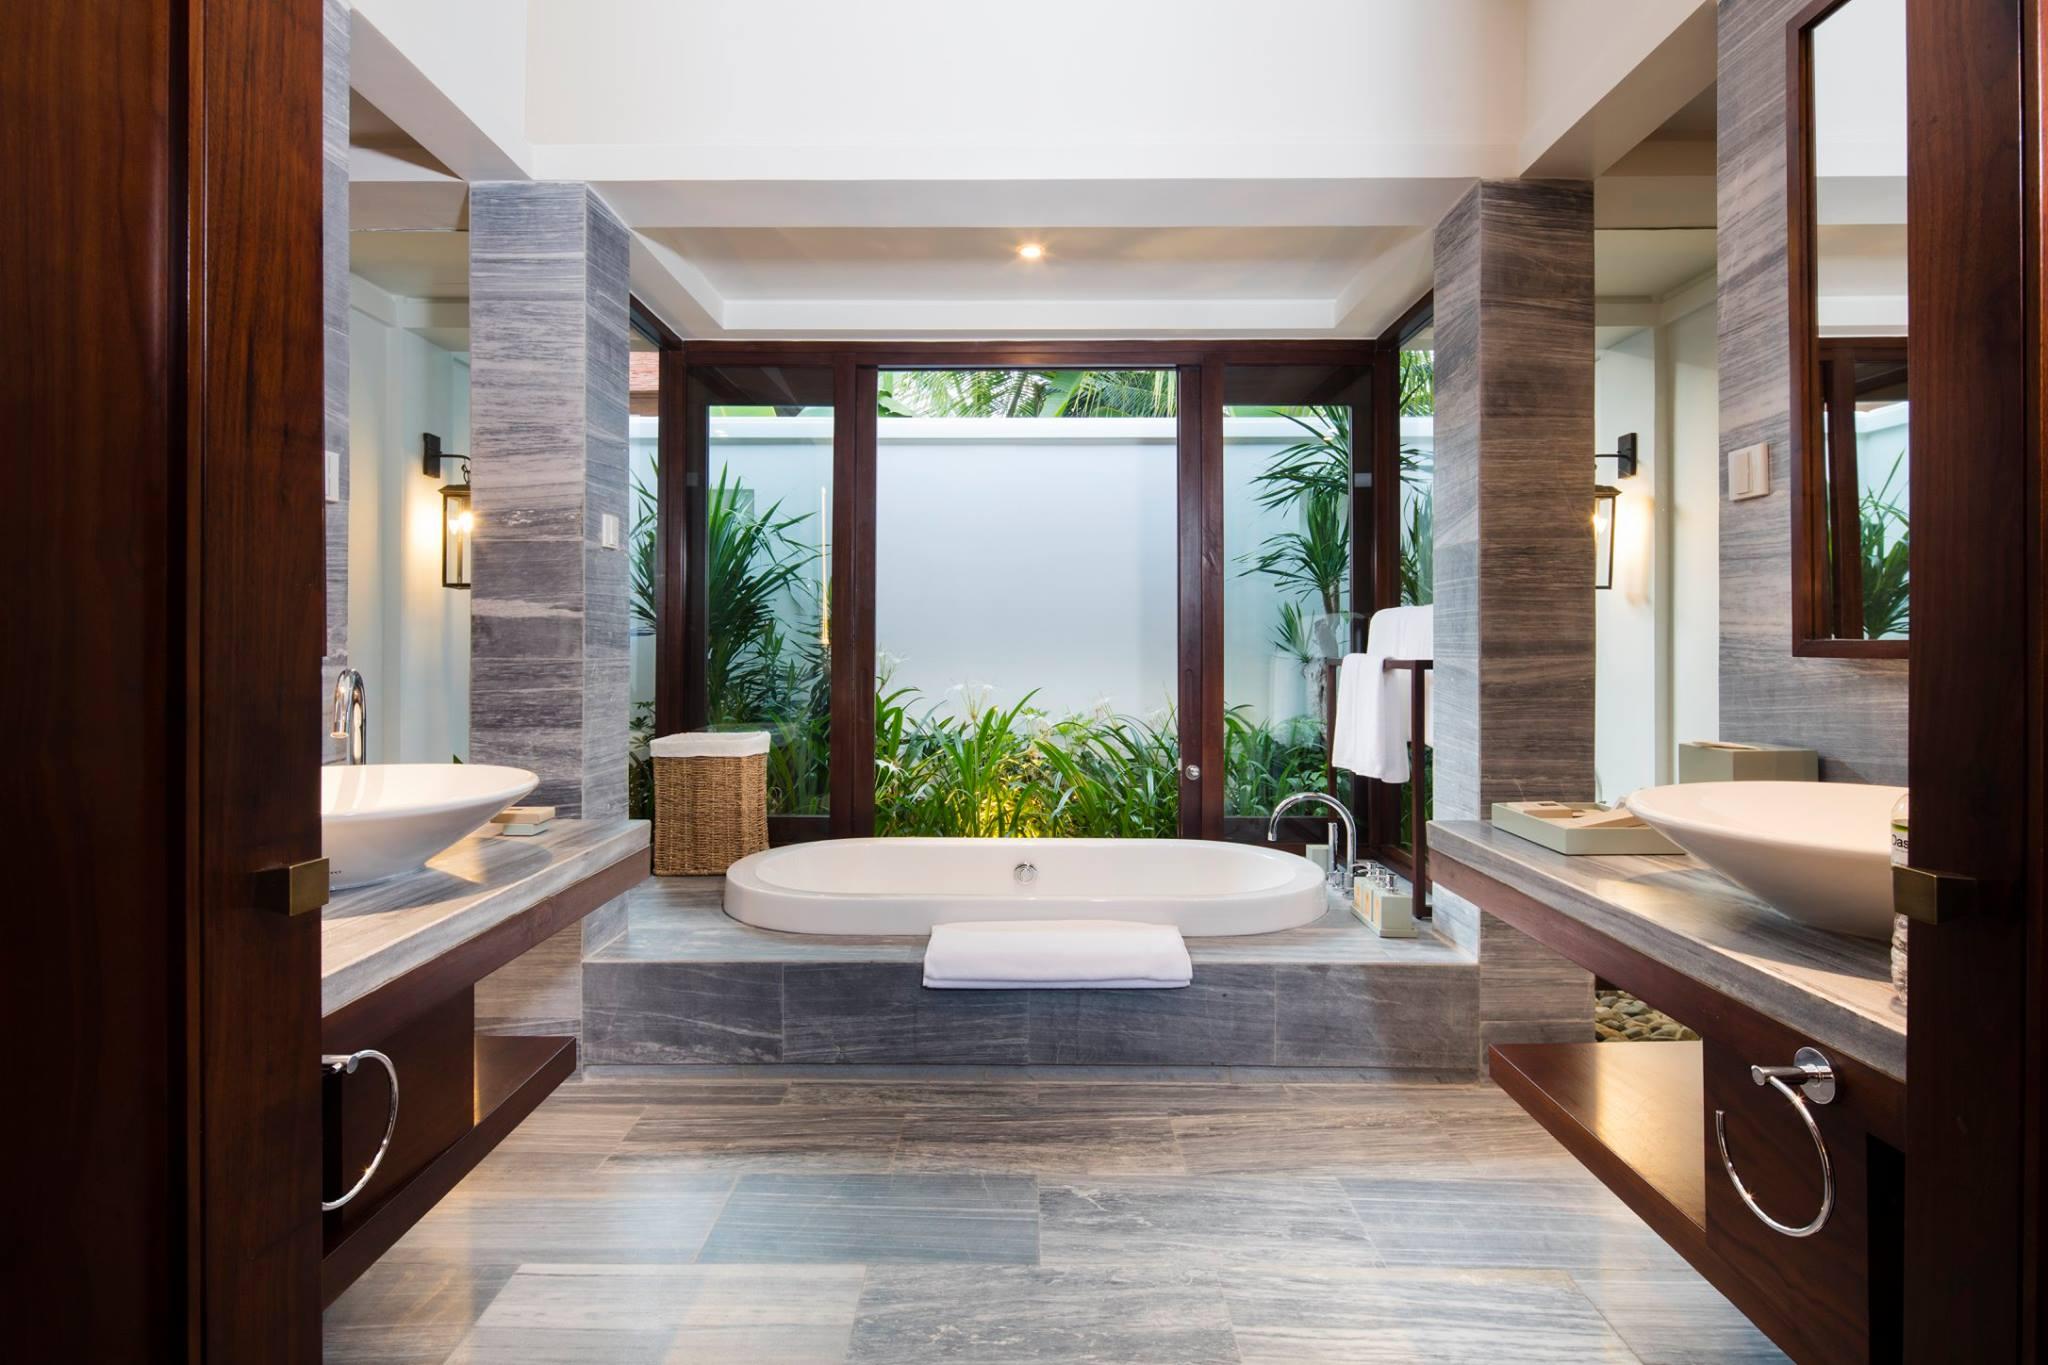 Phòng tắm được lát đá cẩm thạch rất tinh tế, trang nhã